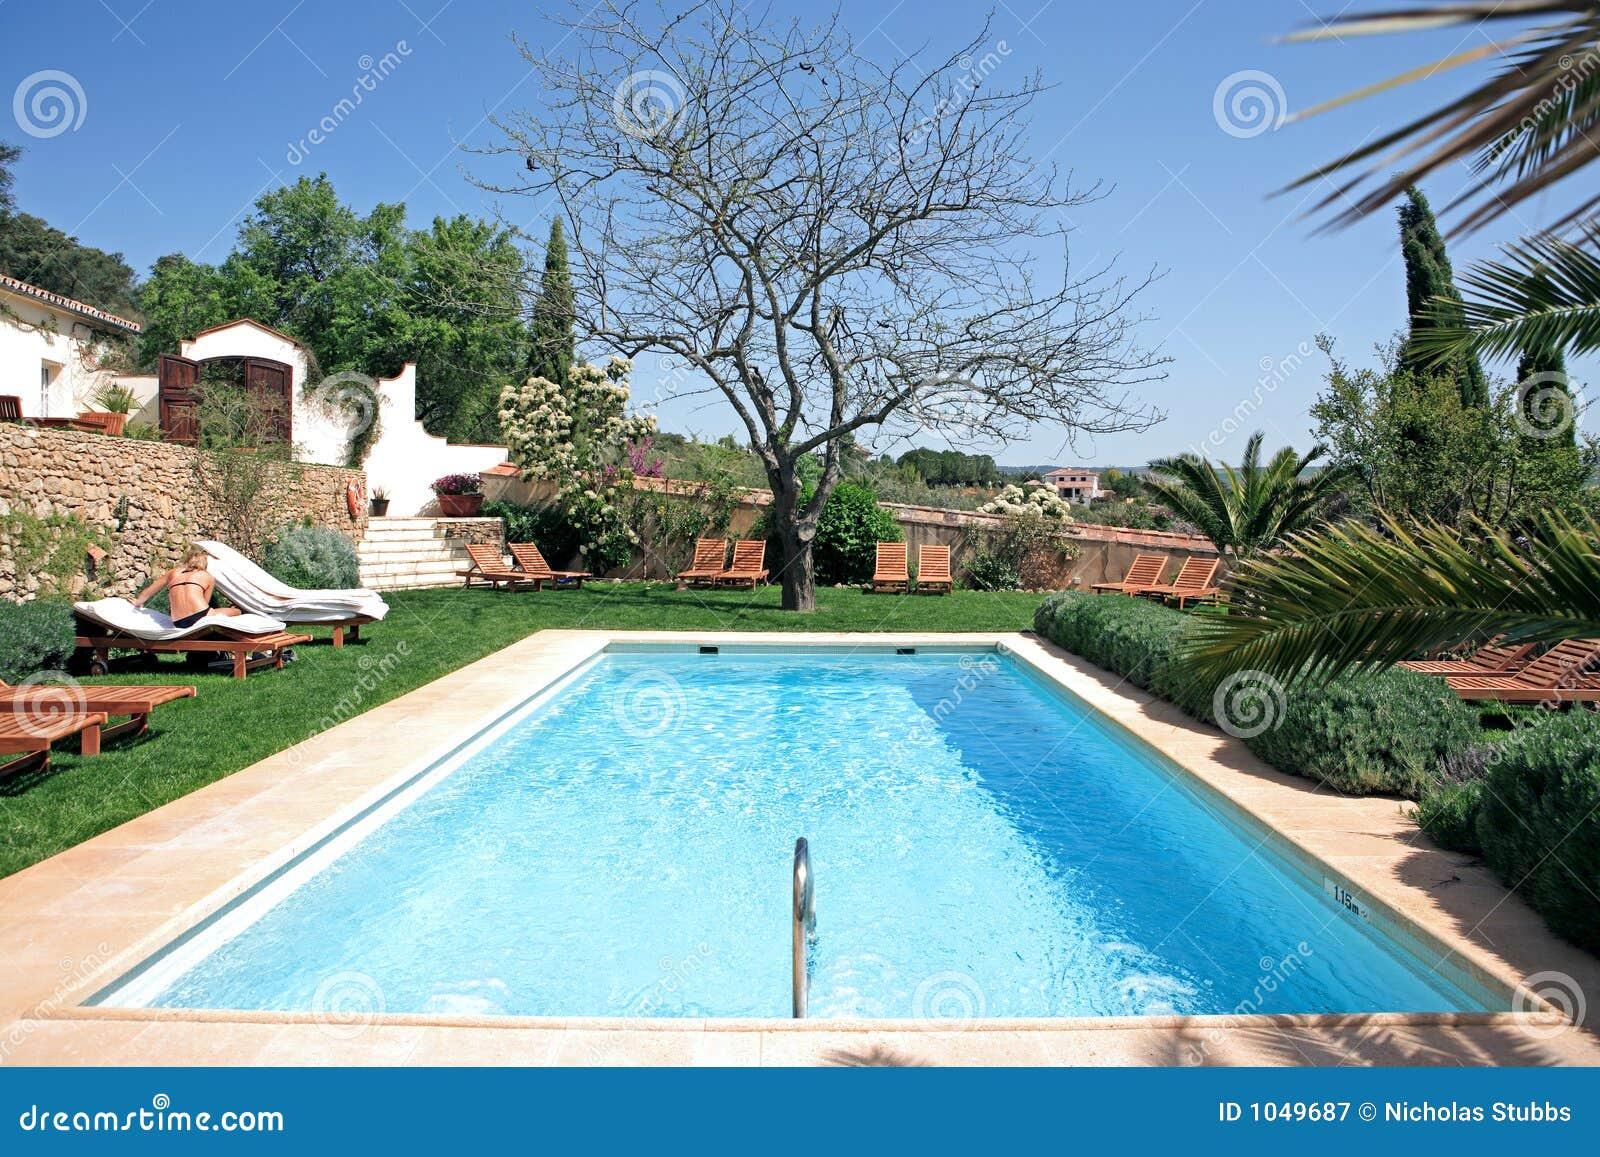 Hotel e piscina rustici di lusso in campagna fotografia - Immagini di piscina ...